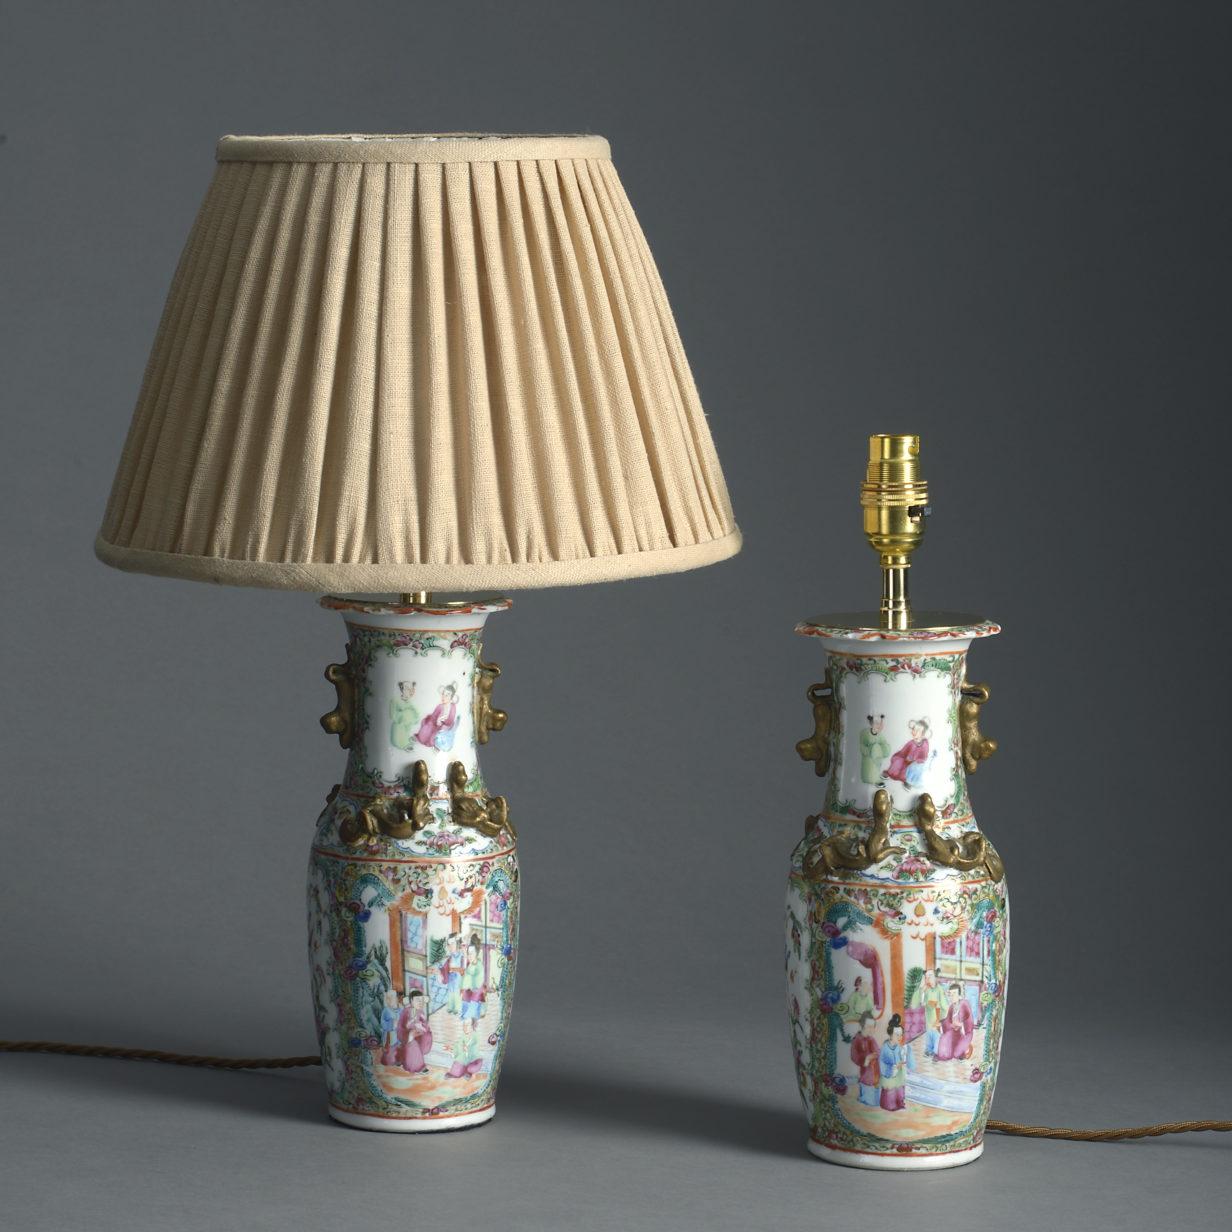 Small Pair of Mandarin Lamps